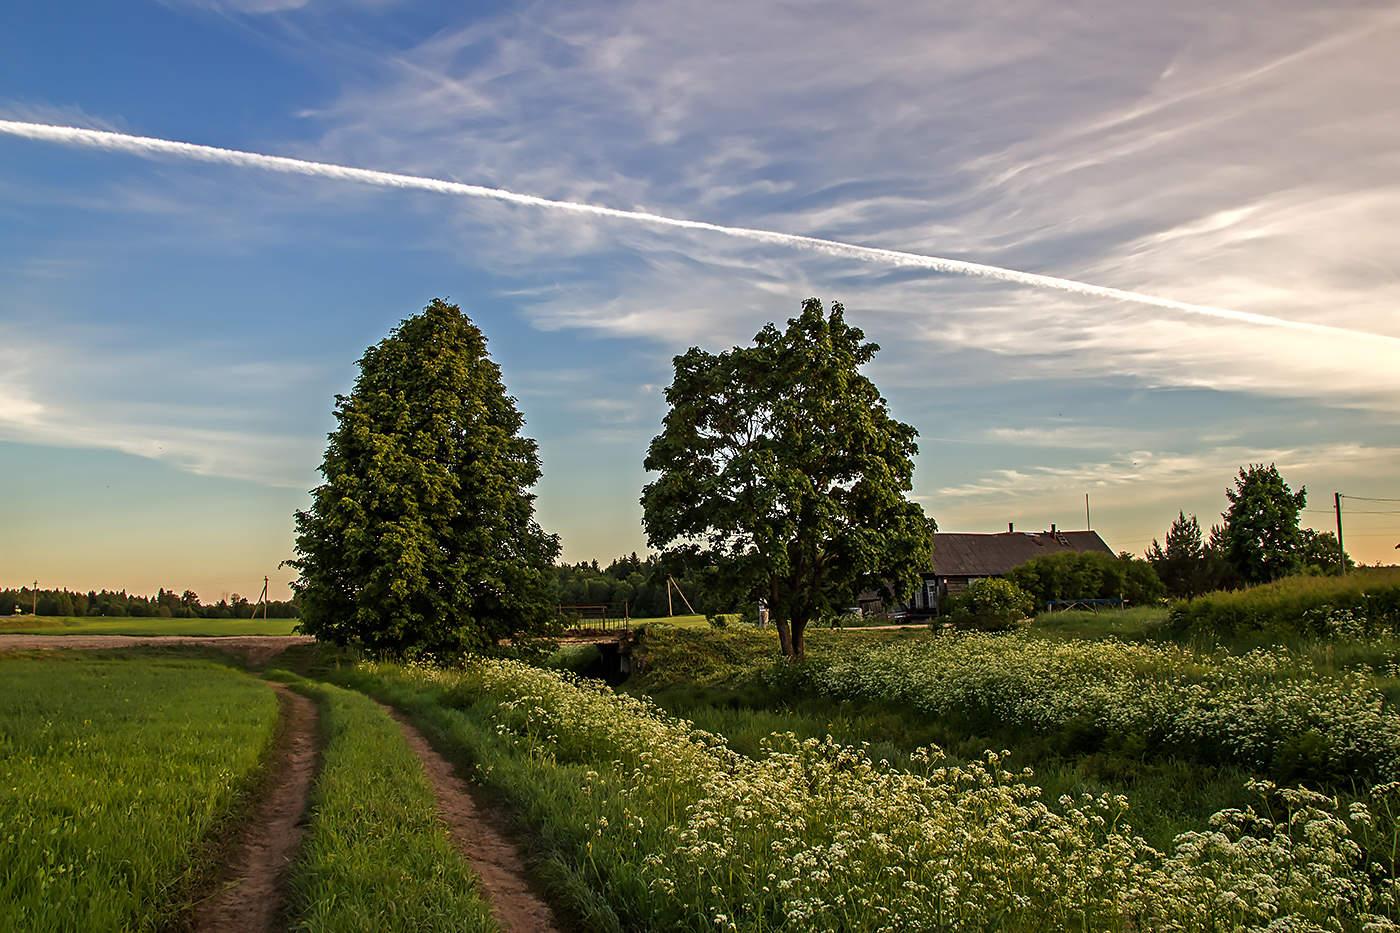 картинки летнего дня в деревне одним